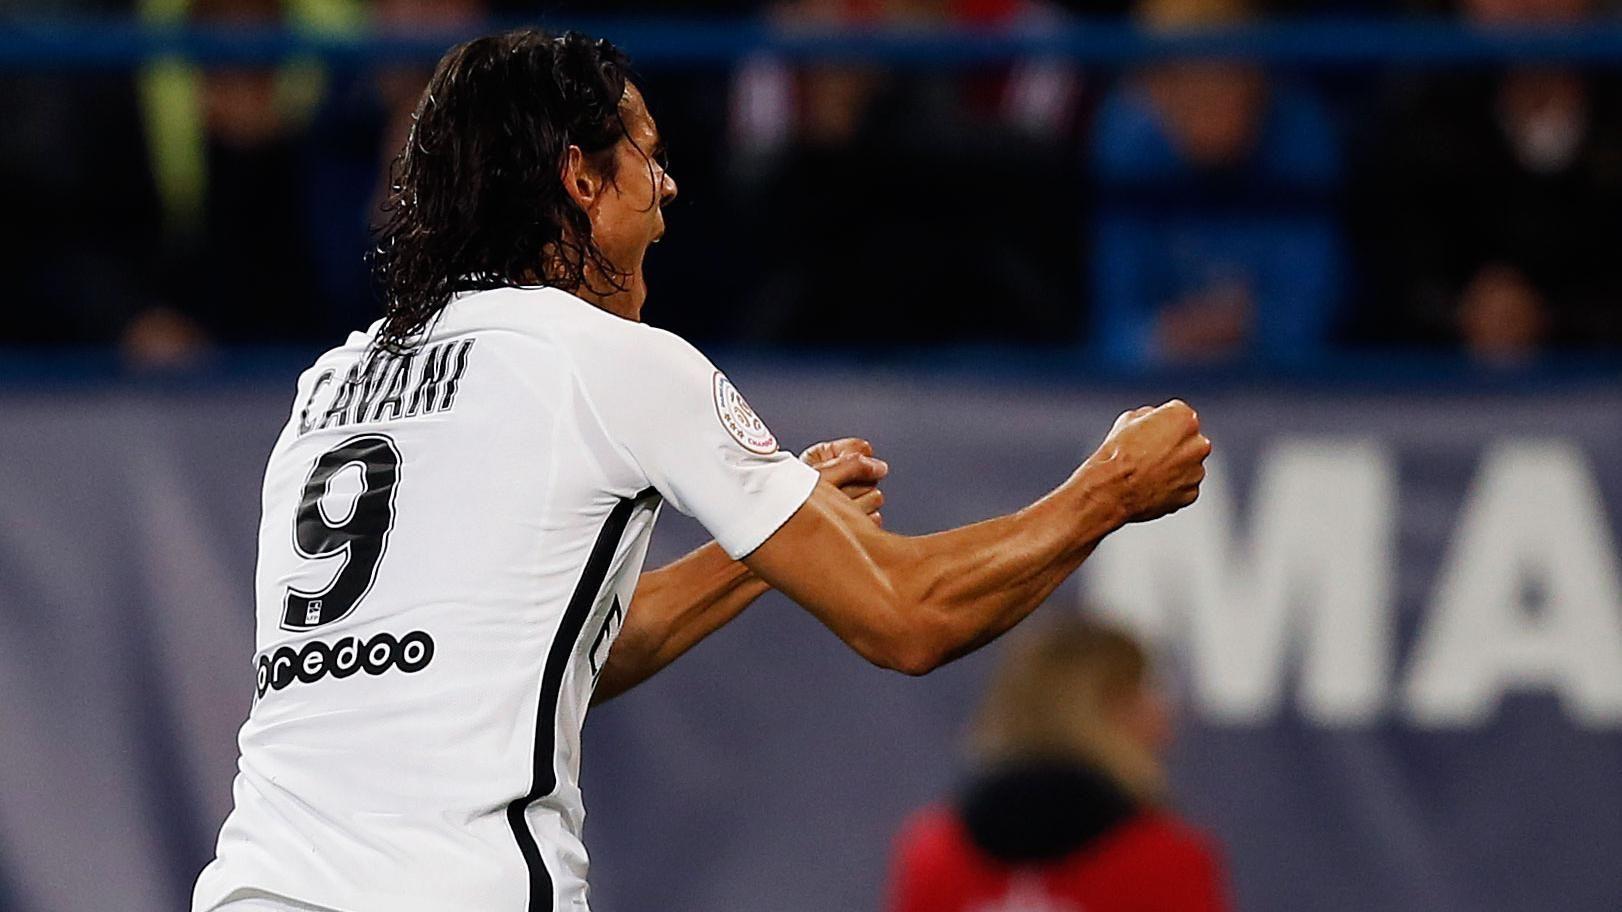 Imparable: Cuatro goles de Cavani en los primeros 45 minutos de juego